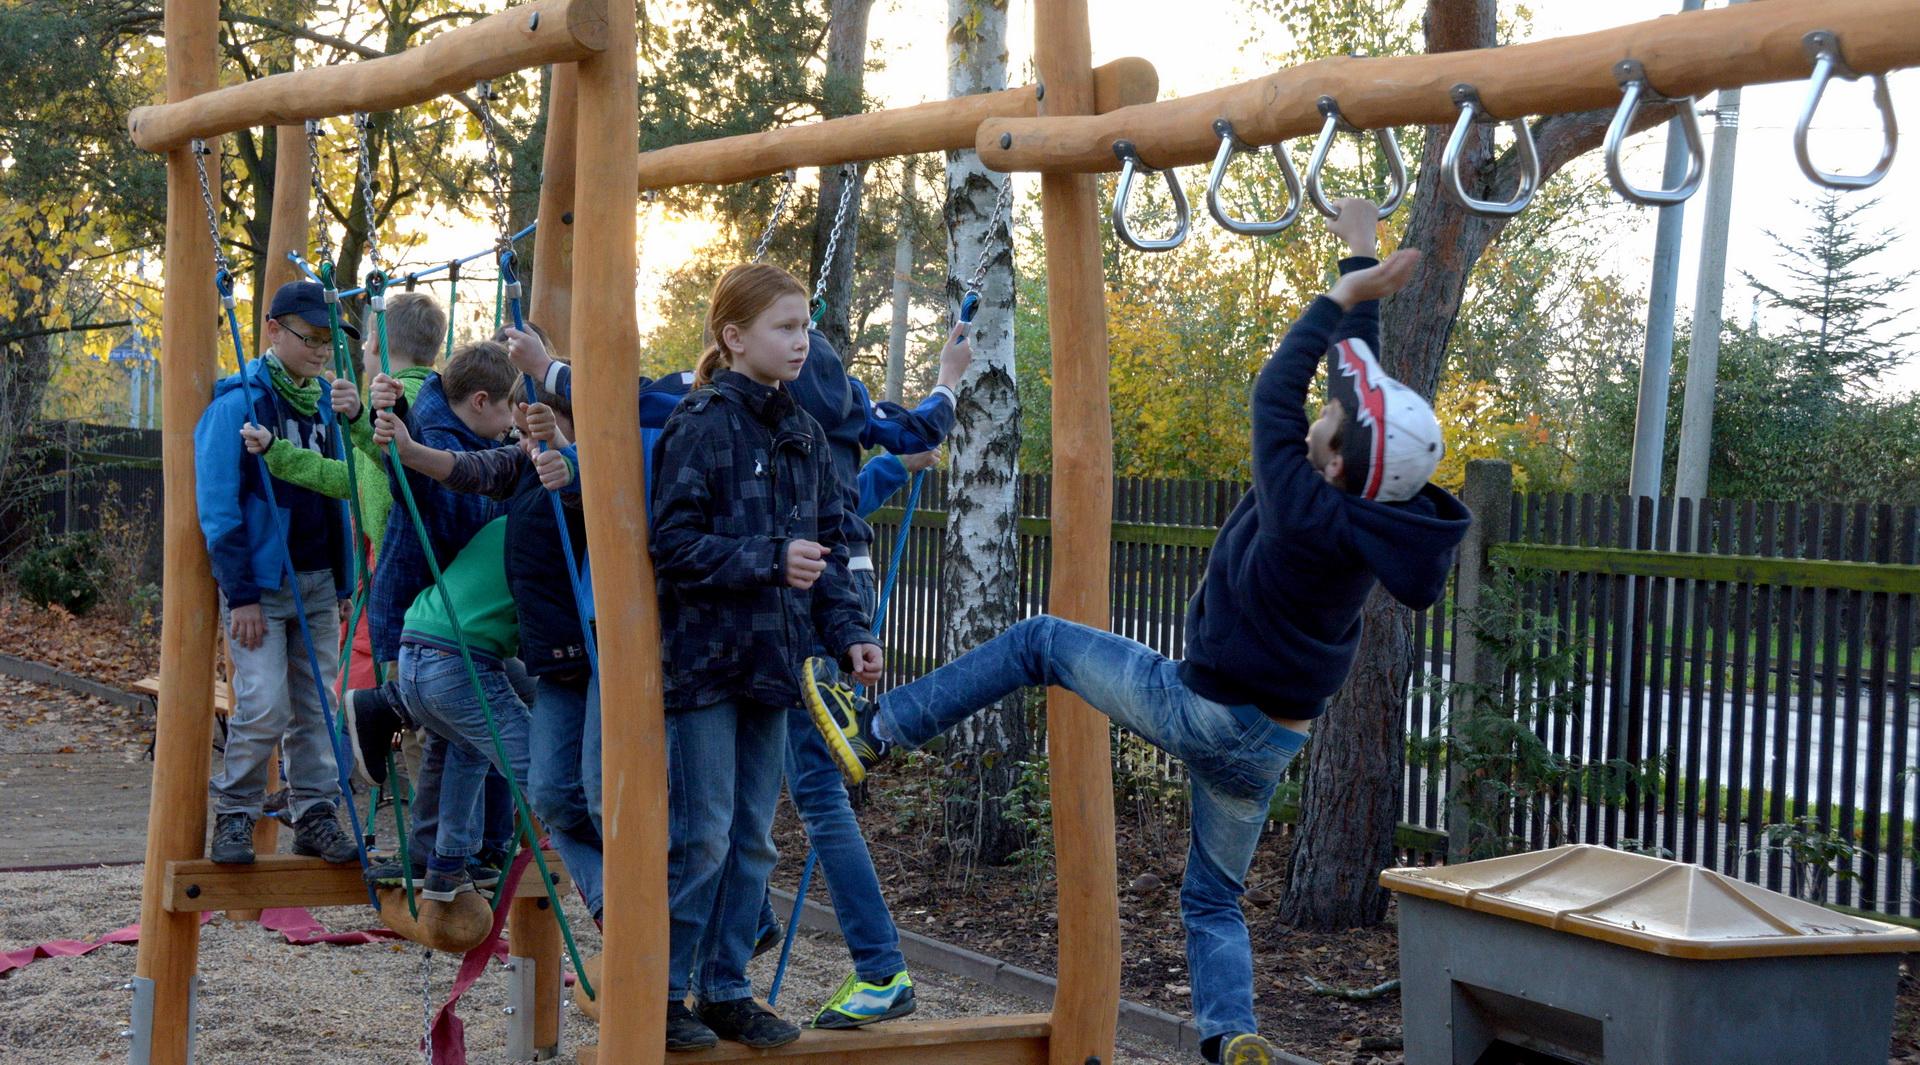 Klettergerüst Du Hast : Das neue klettergerüst grundschule gundorf